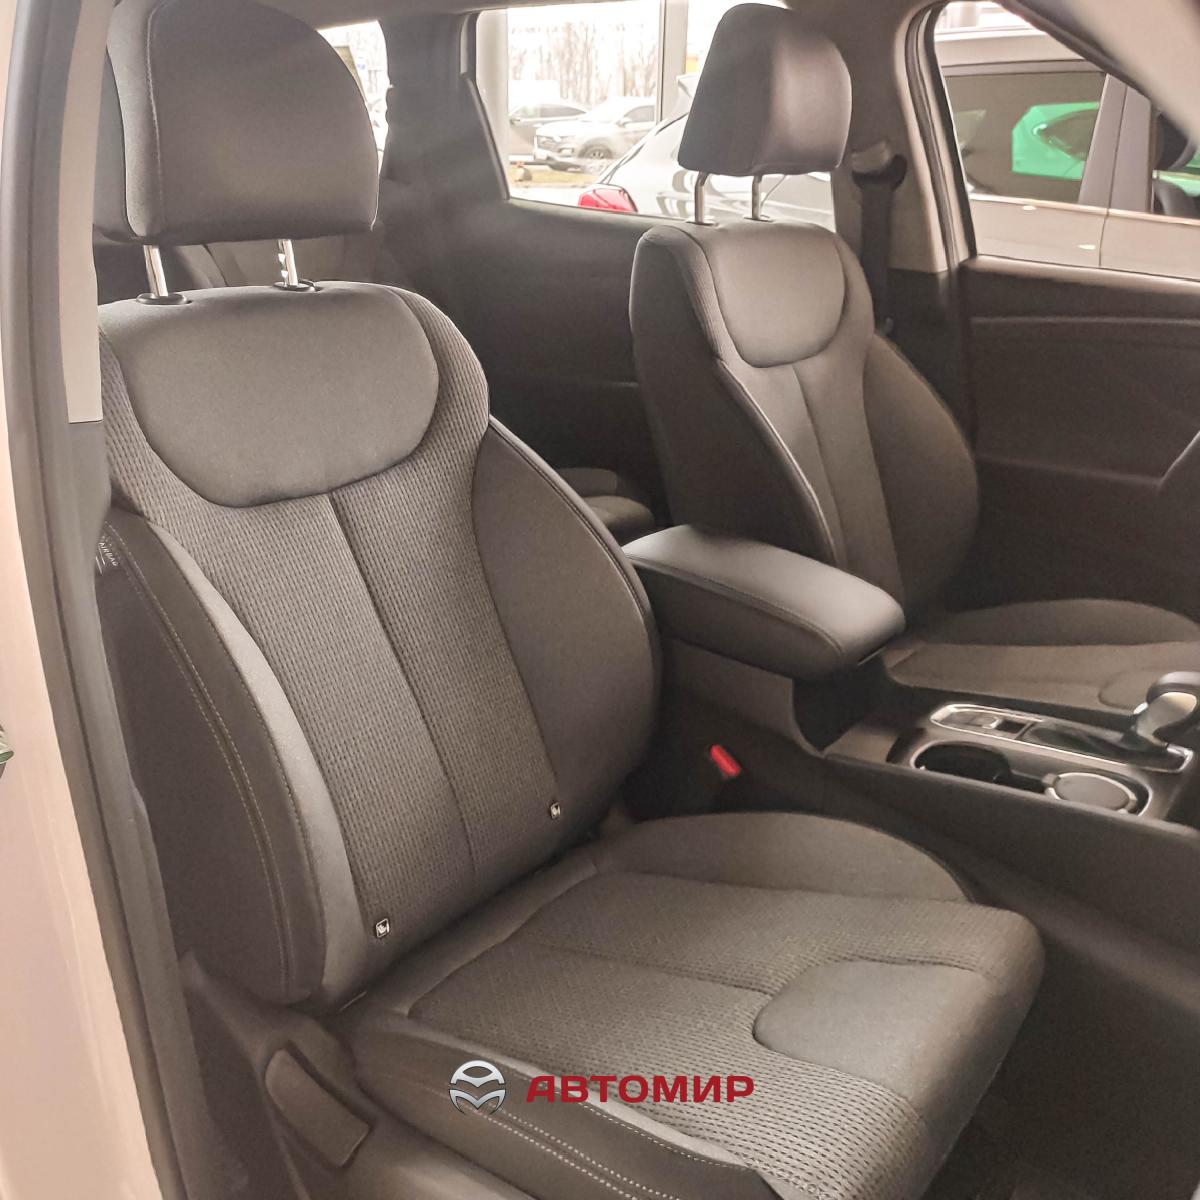 Теплі функції автомобілів Hyundai   Едем-Авто - фото 10